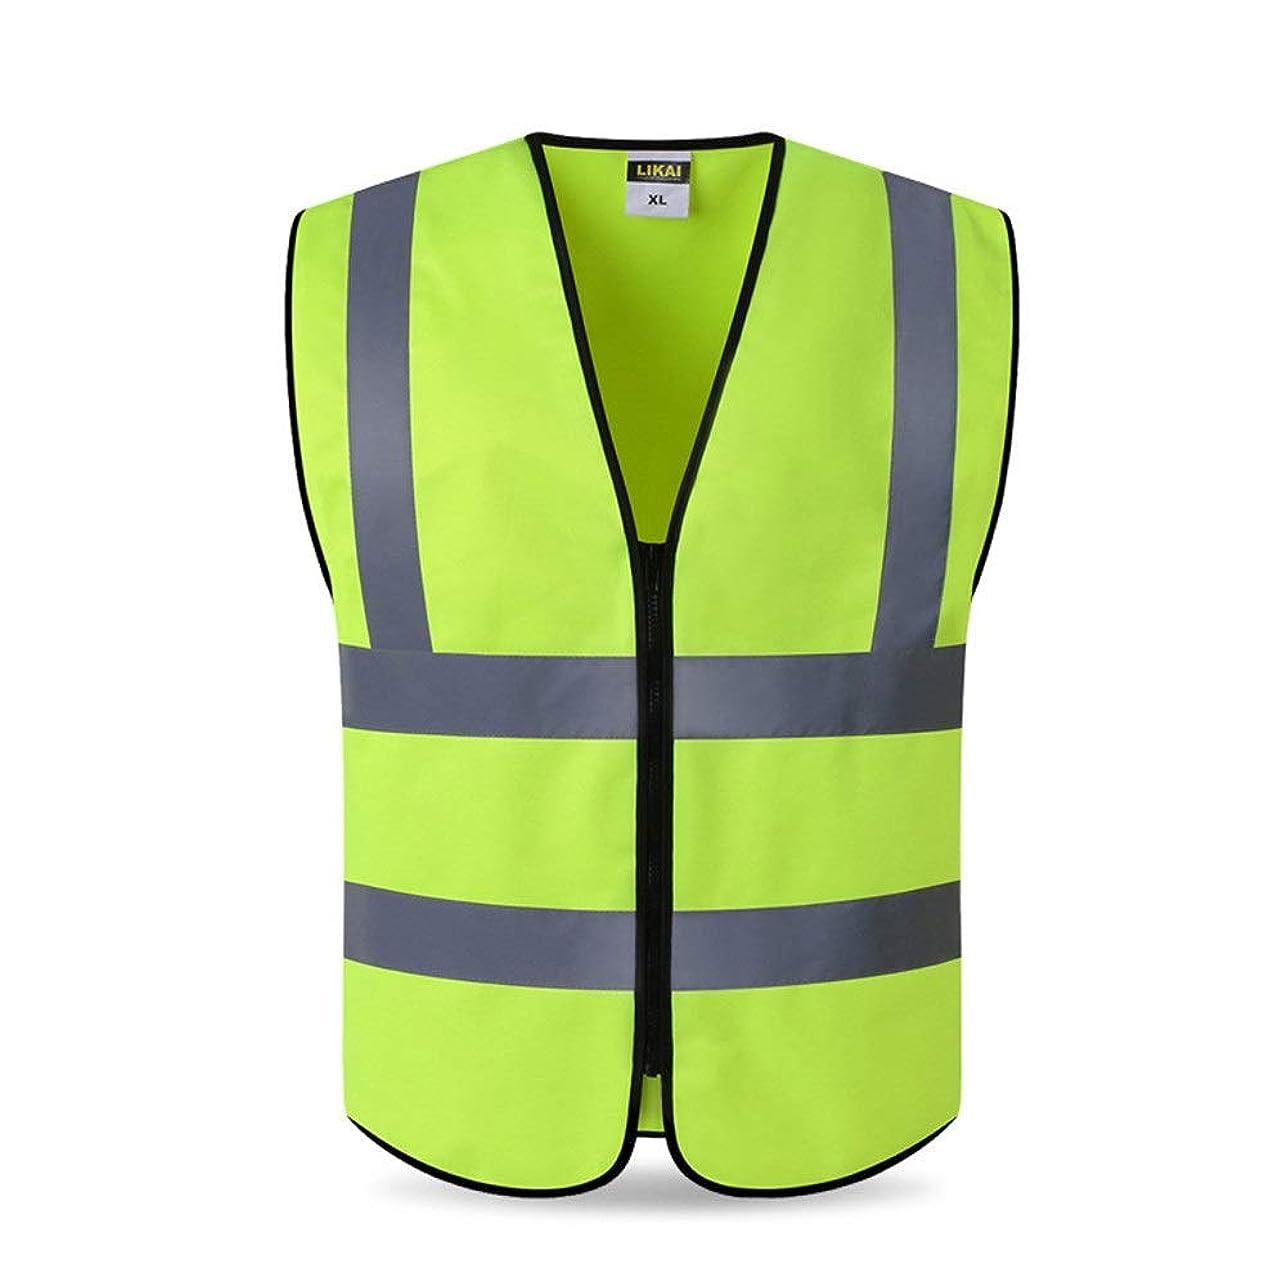 立ち向かう死傷者リスDILY こんにちは可視ベスト反射ベストベスト衛生緑の安全ベストベスト交通道路管理プロジェクトコート (Color : Green, Size : XL)